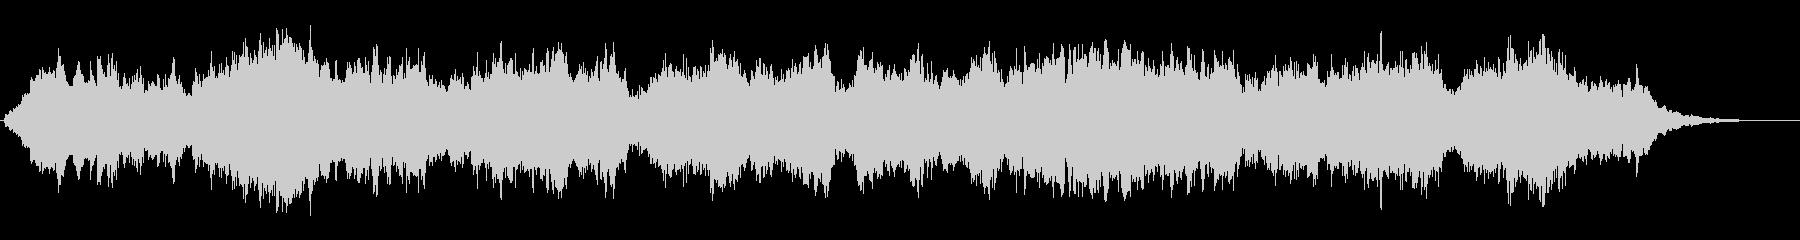 木管アンサンブルによるポップスの未再生の波形